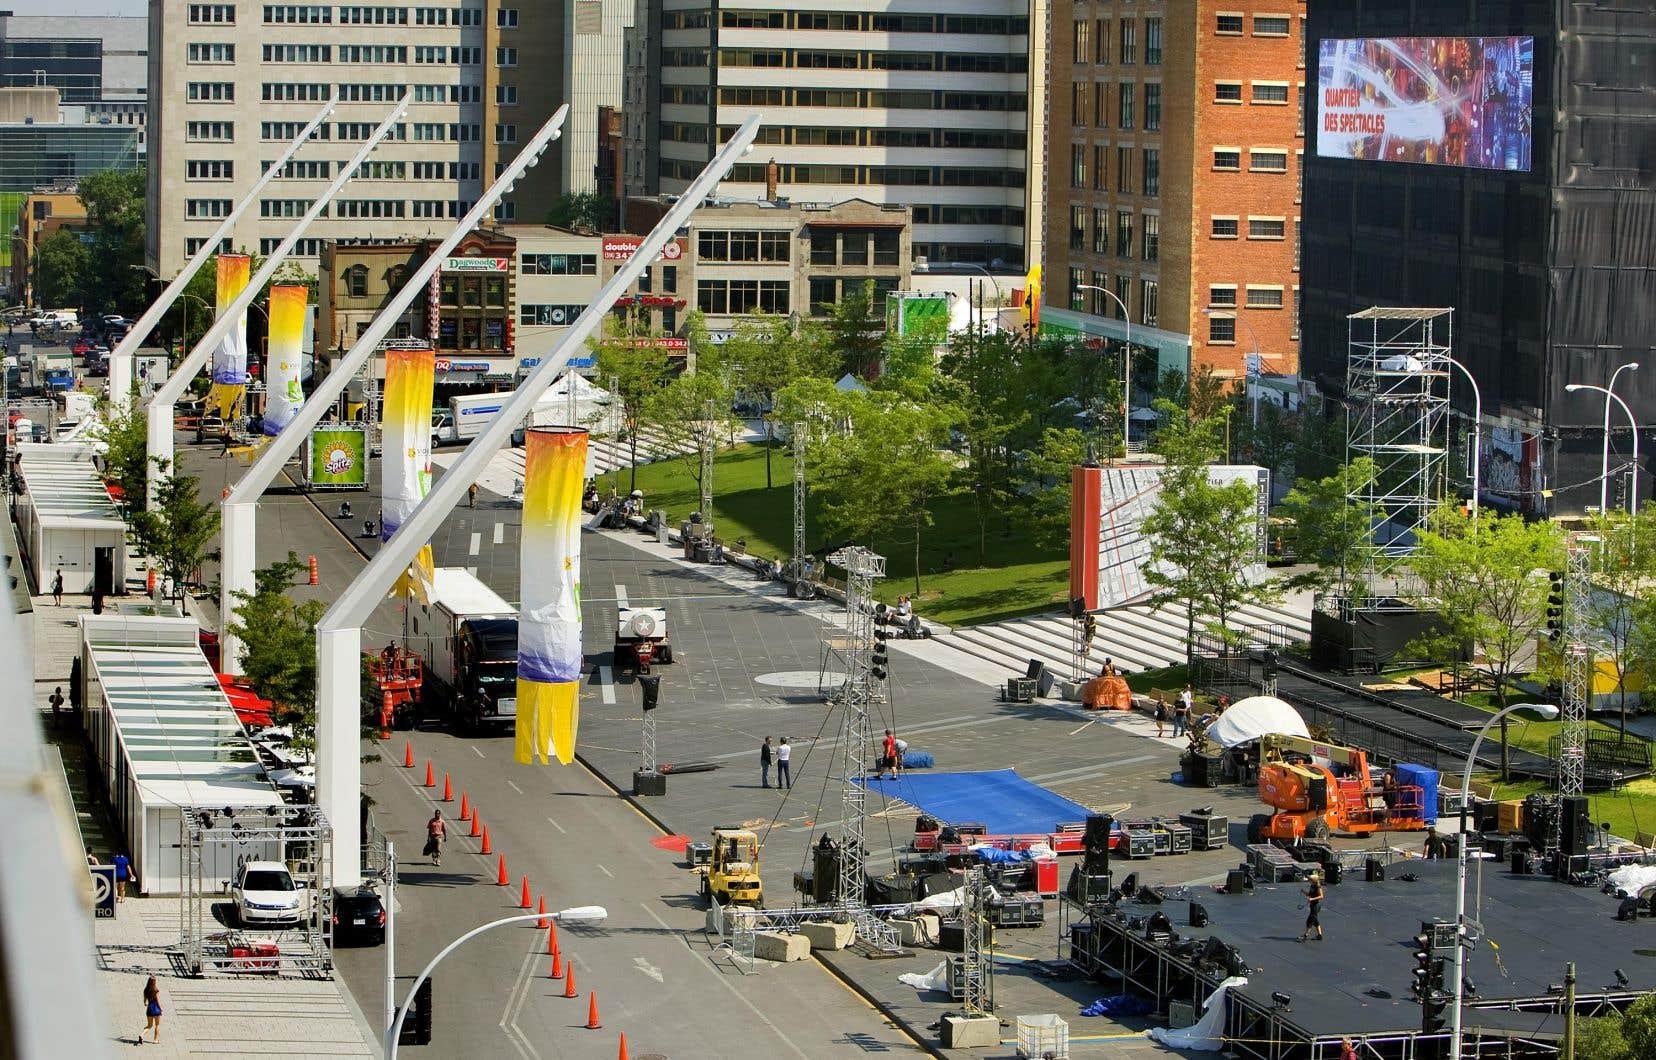 S'il est réelu, Denis Coderre promet qu'une fois le plan d'aménagement du Quartier des spectacles achevé en 2019, la ville s'attaquera à la revitalisation du Quartier latin.